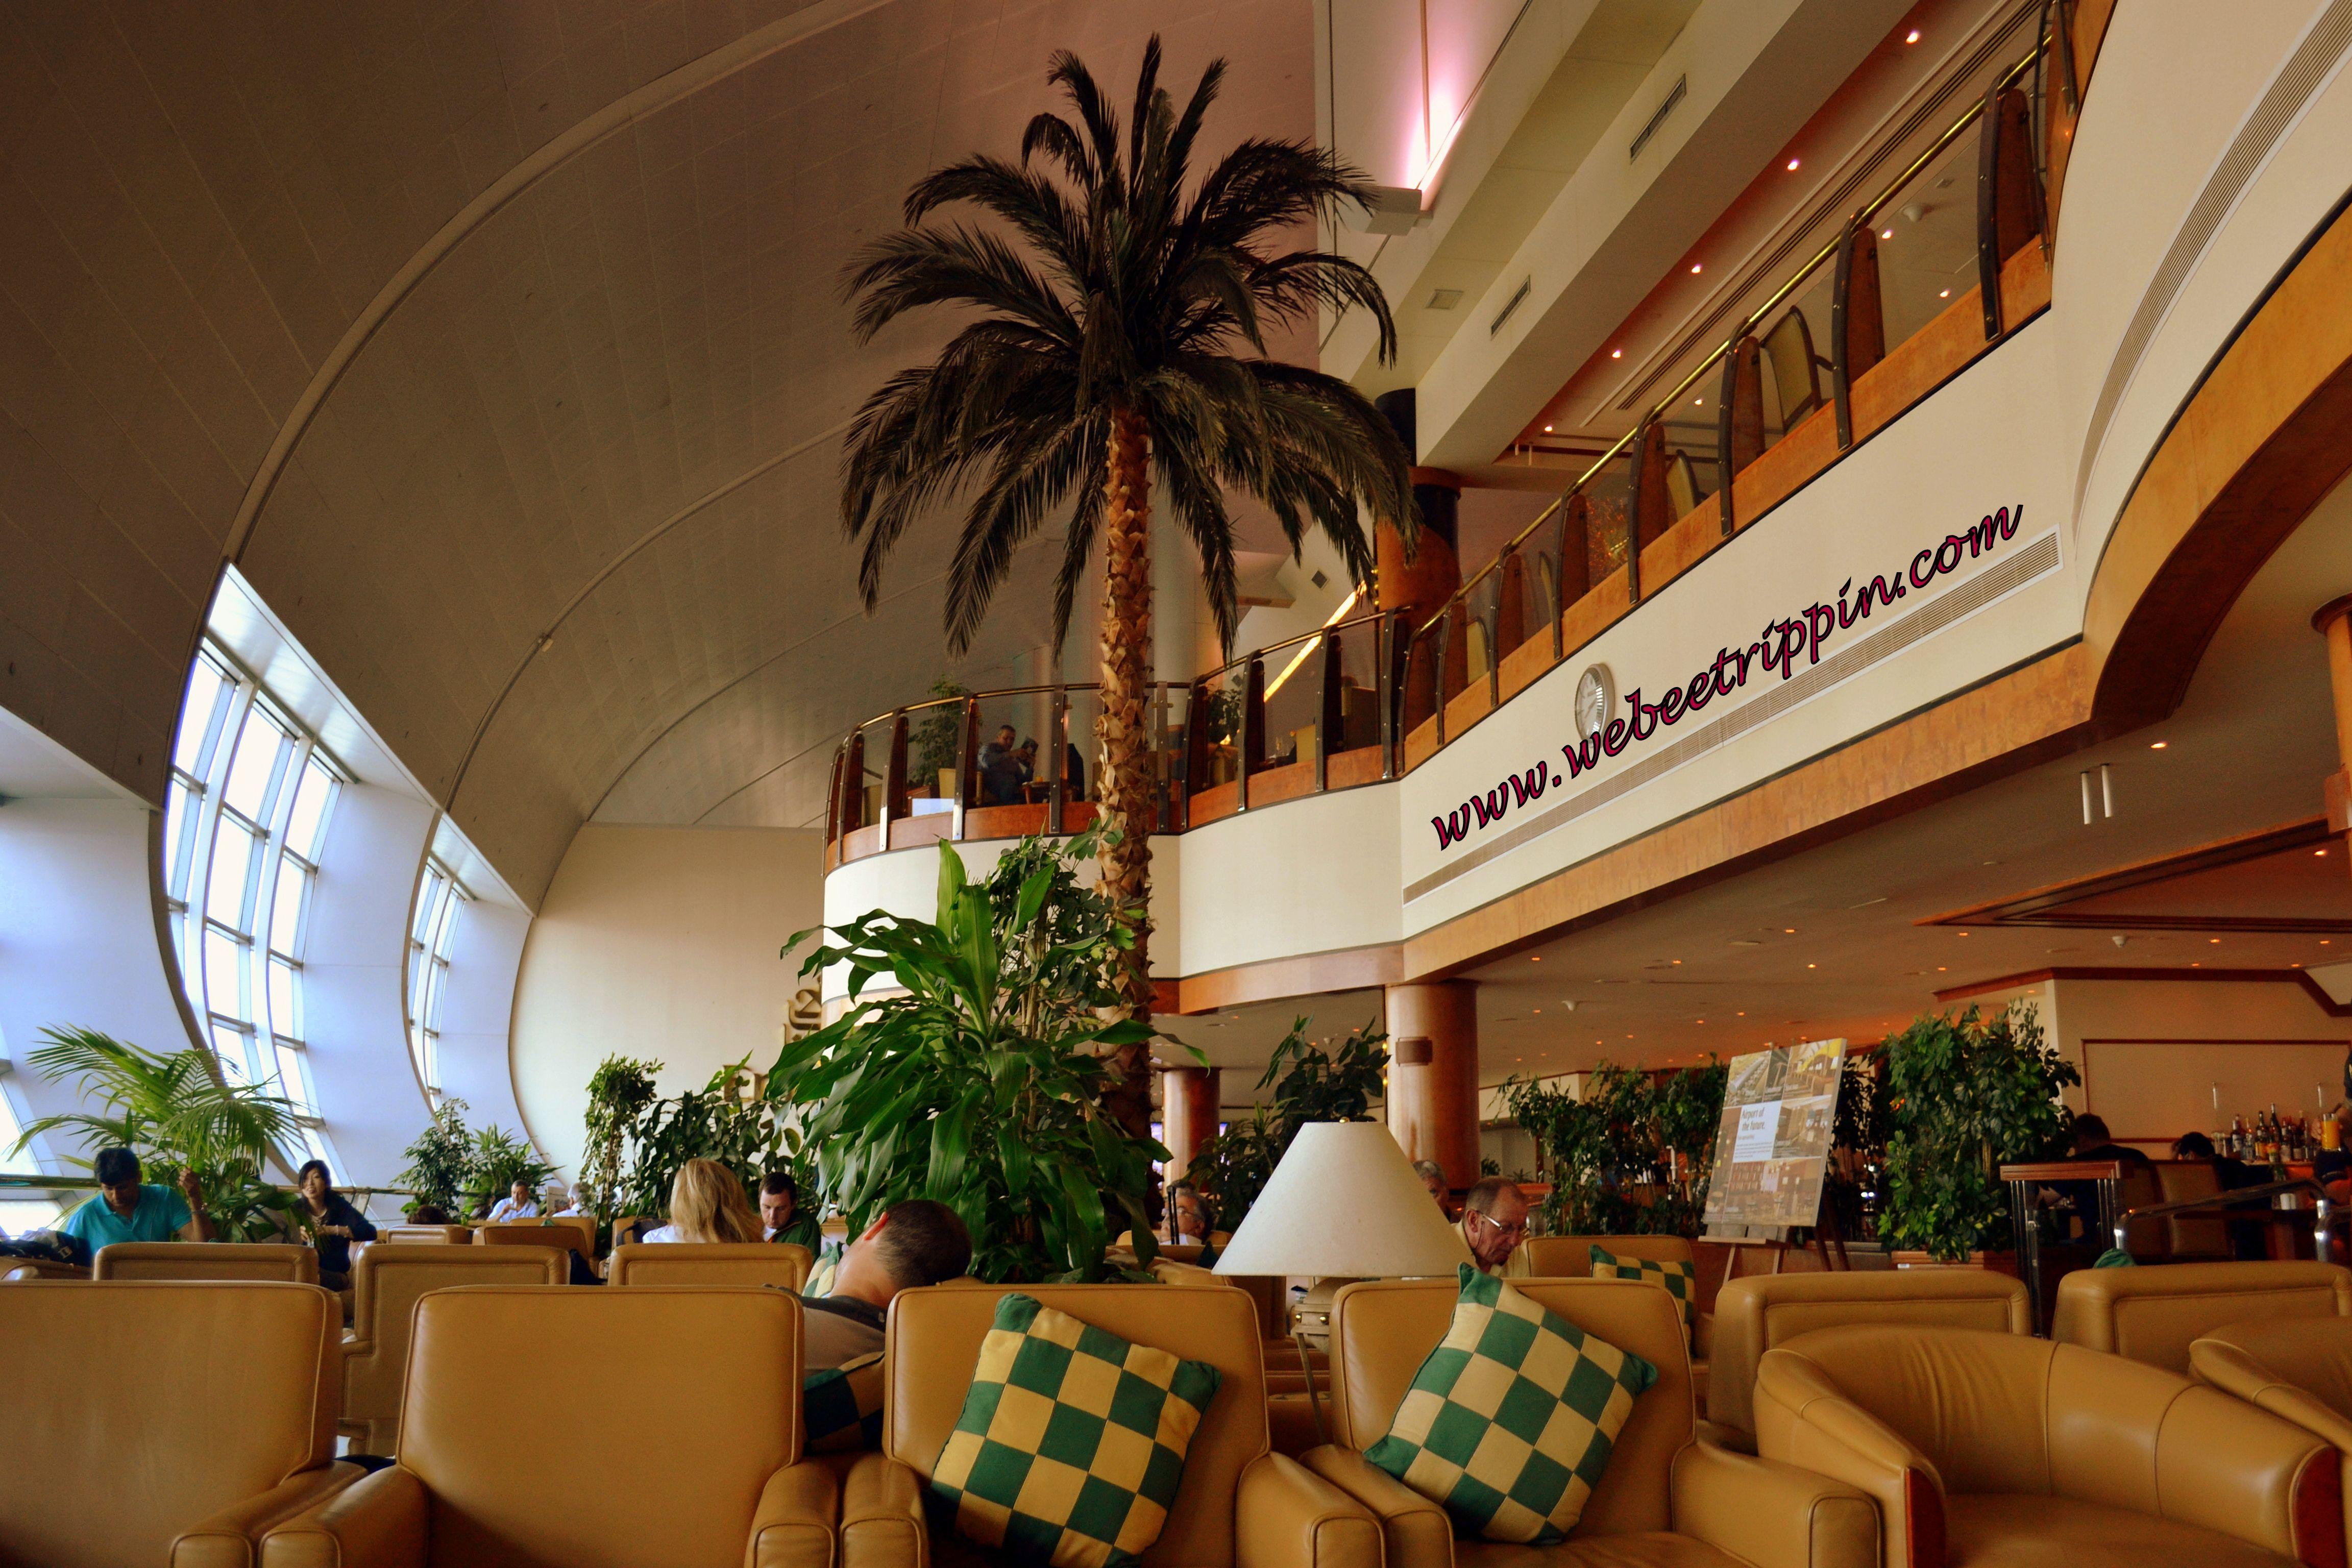 Dubai Airport - Emirates Airlines VIP lounge | United Arab ...